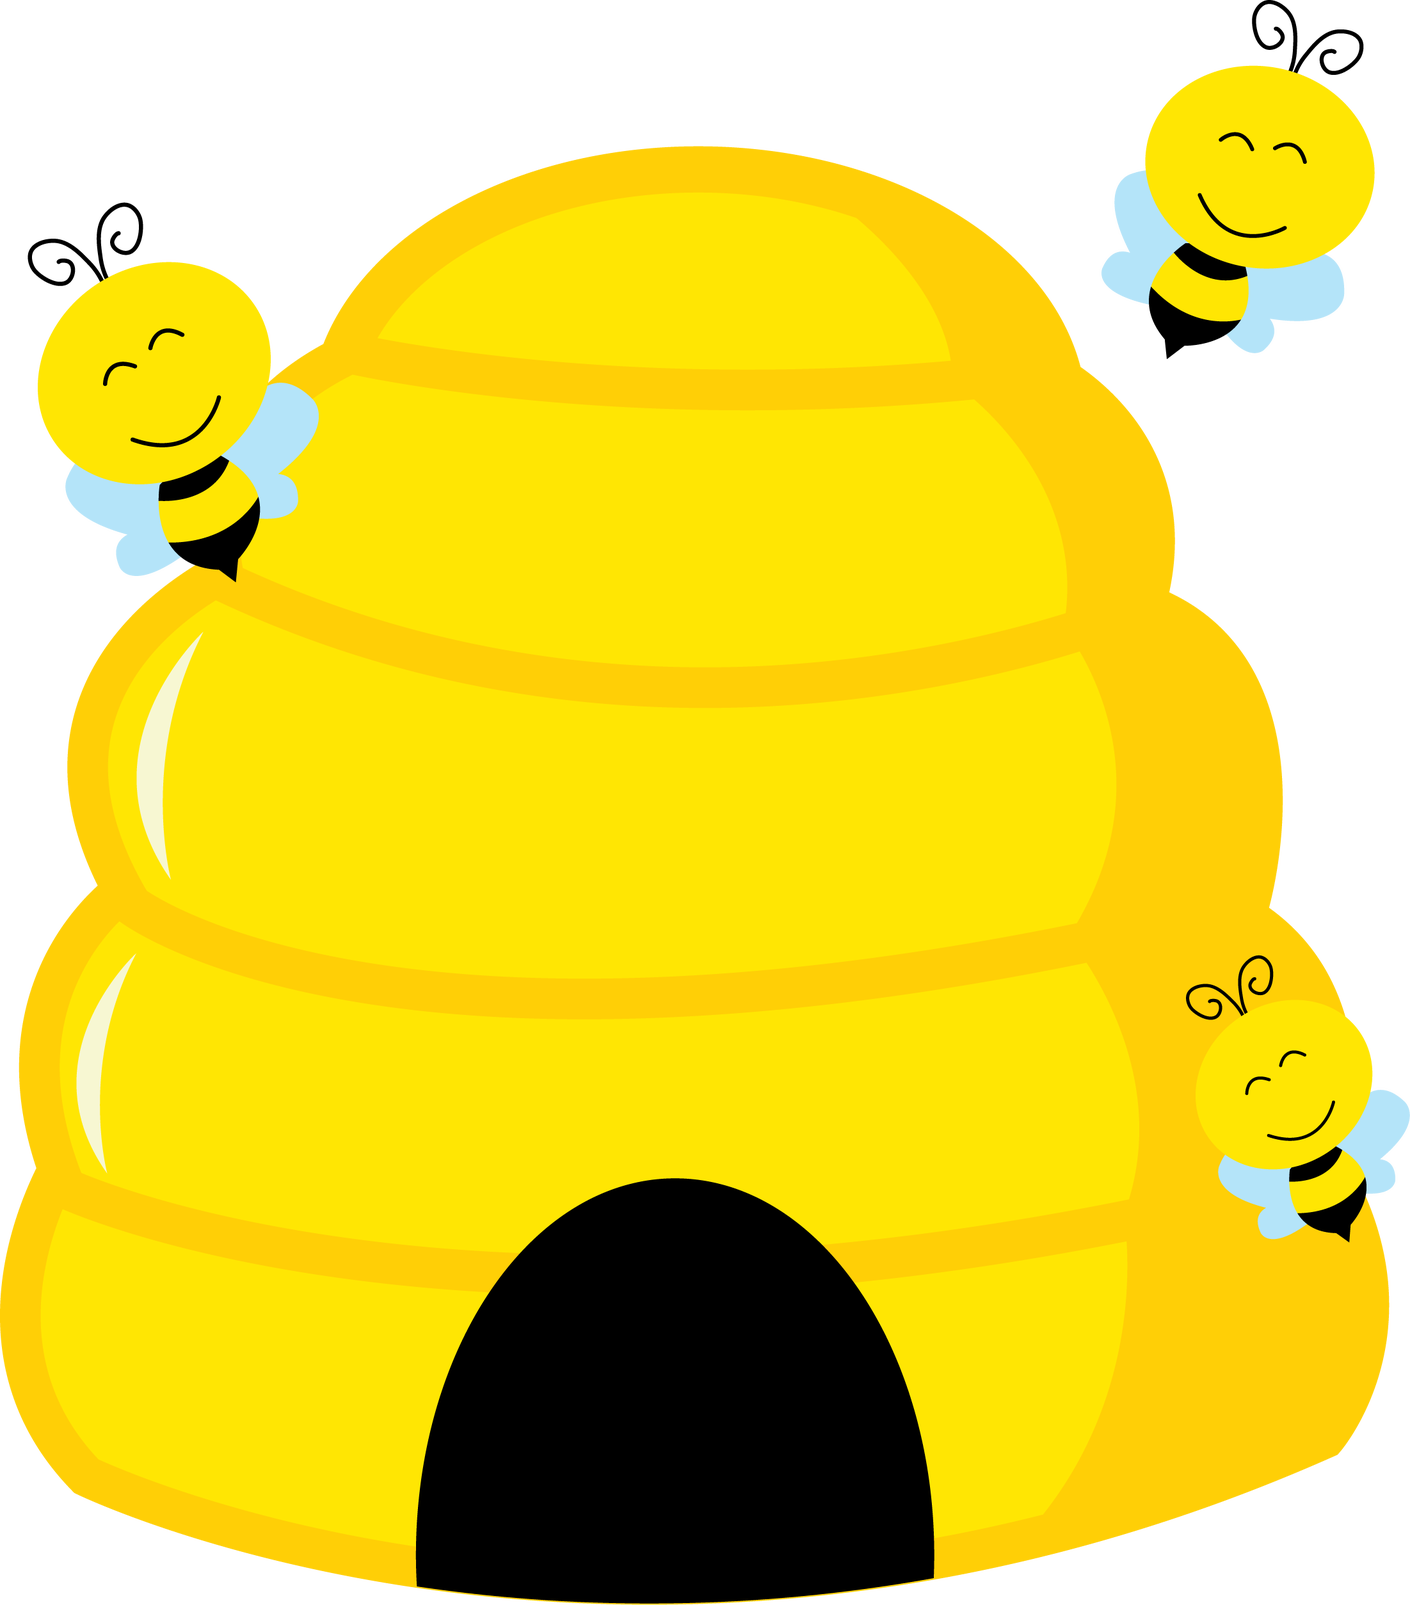 Honeycomb clipart bee cell. Imagens da abelhinha pinterest